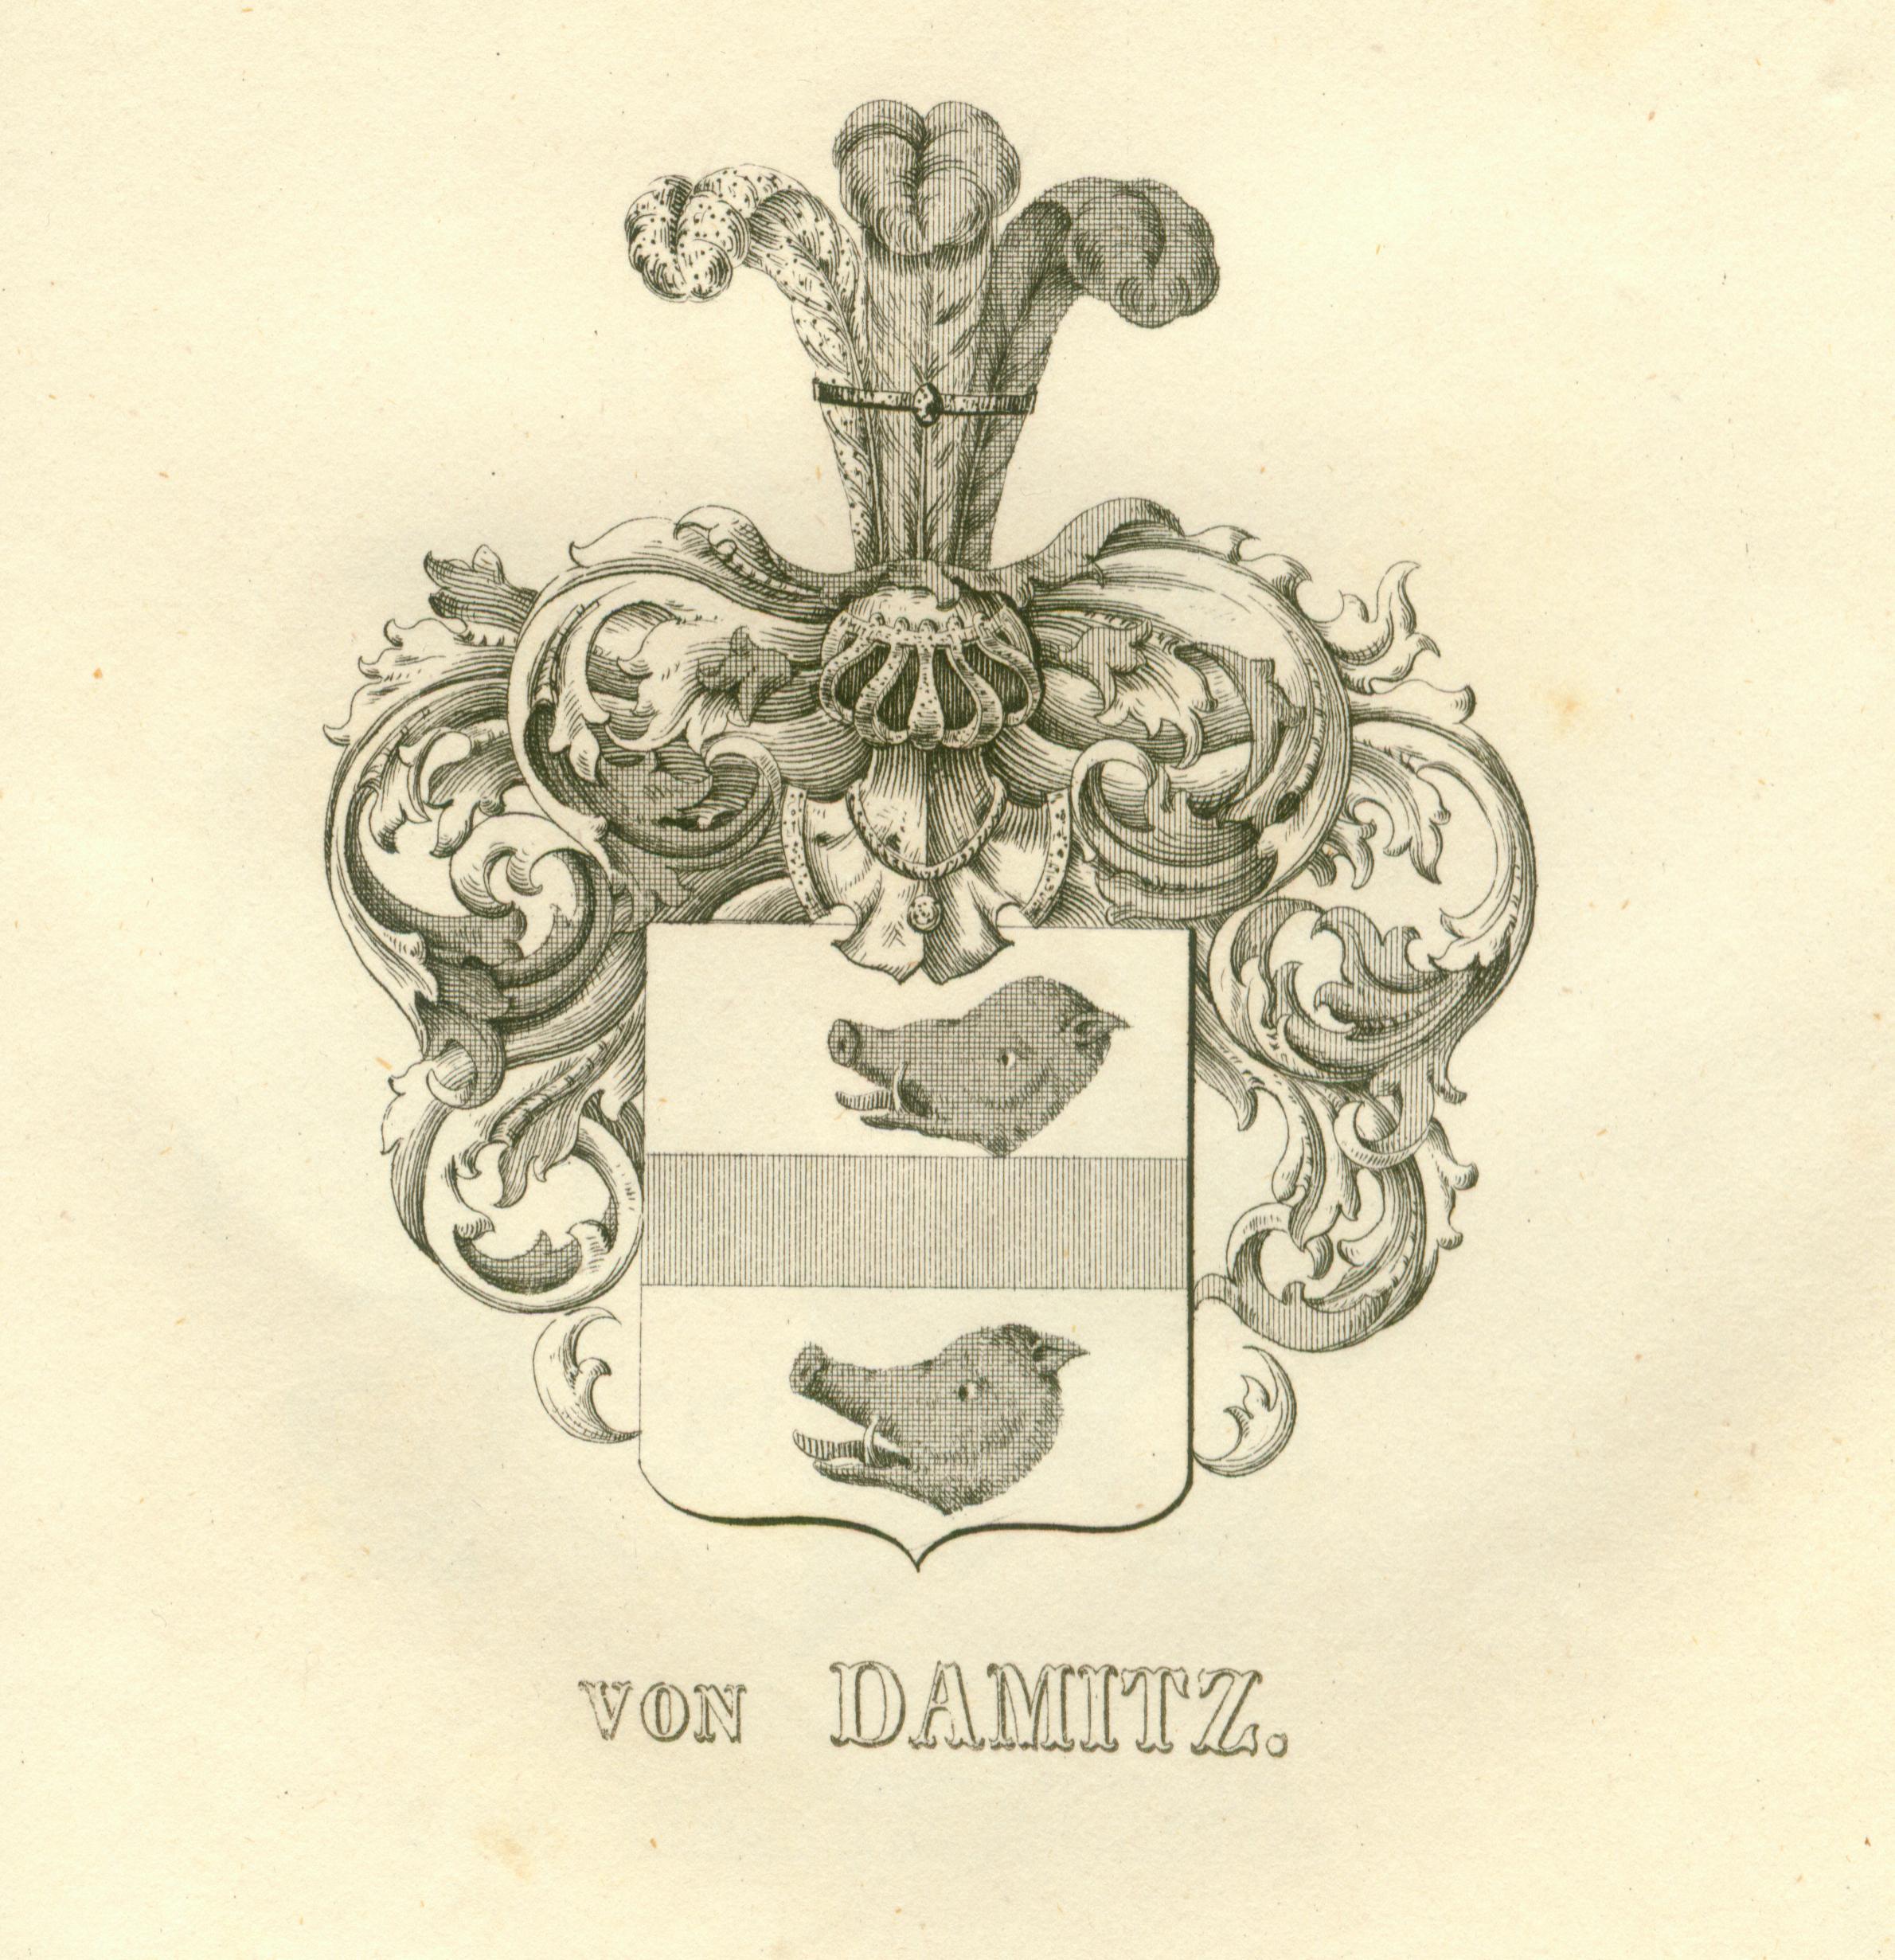 Damitz 1